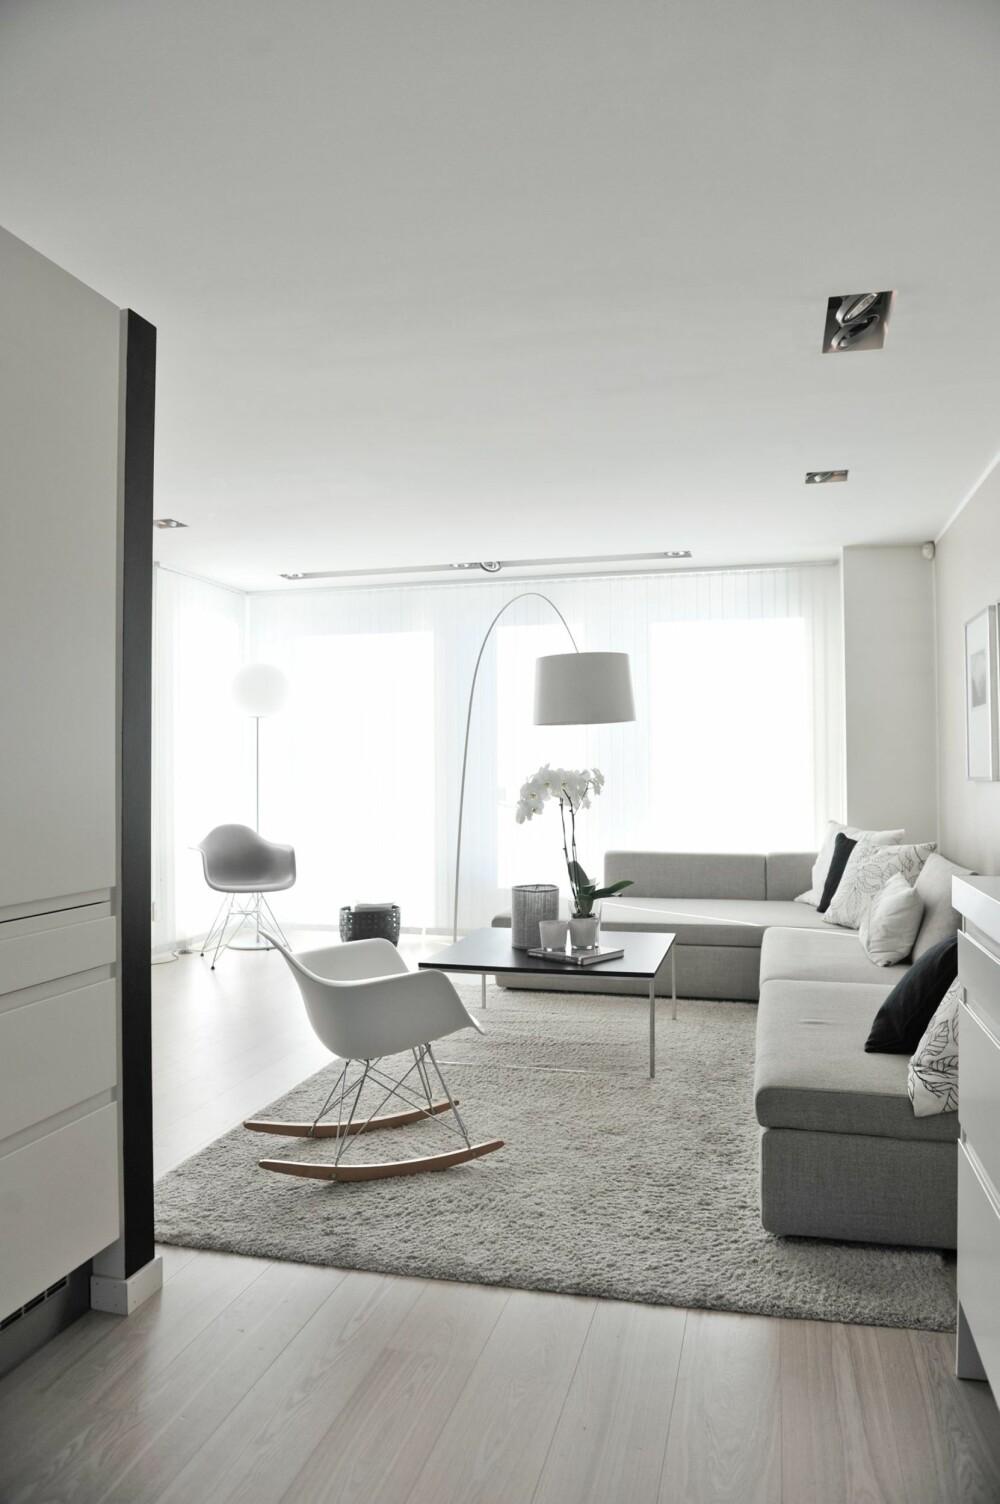 GJENNOMFØRT: Trine og Marius valgte hvitoljet enstavs parkett av ask til alle gulvene. Teppet er fra Ikea, mens gyngestolen er RAR fra Charles & Ray Eames, produsert av Vitra.